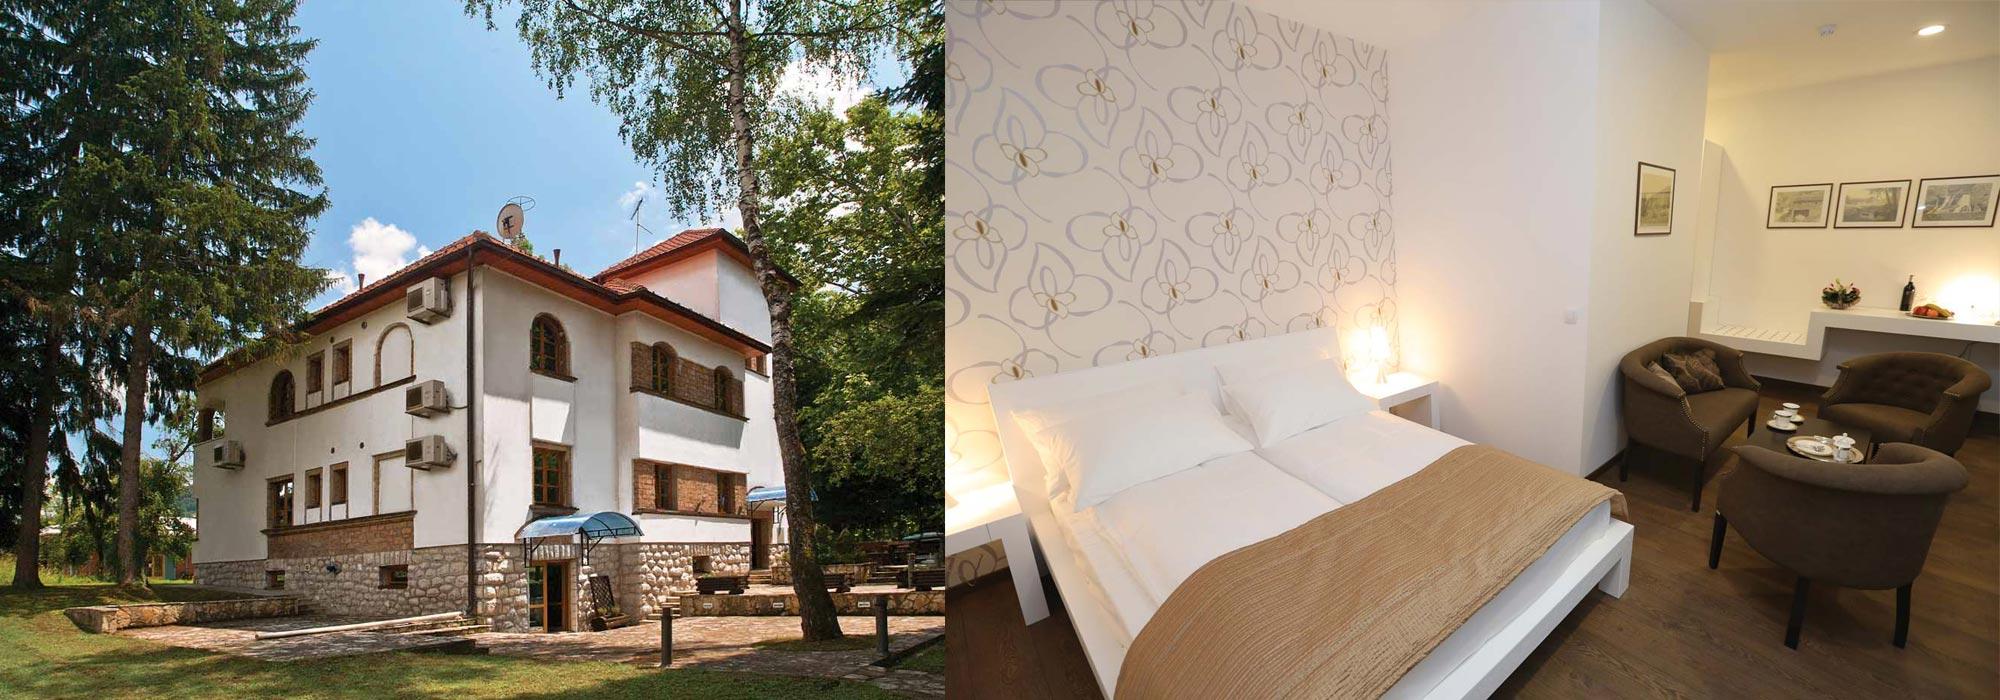 Vila Drina i restoran Vrelo